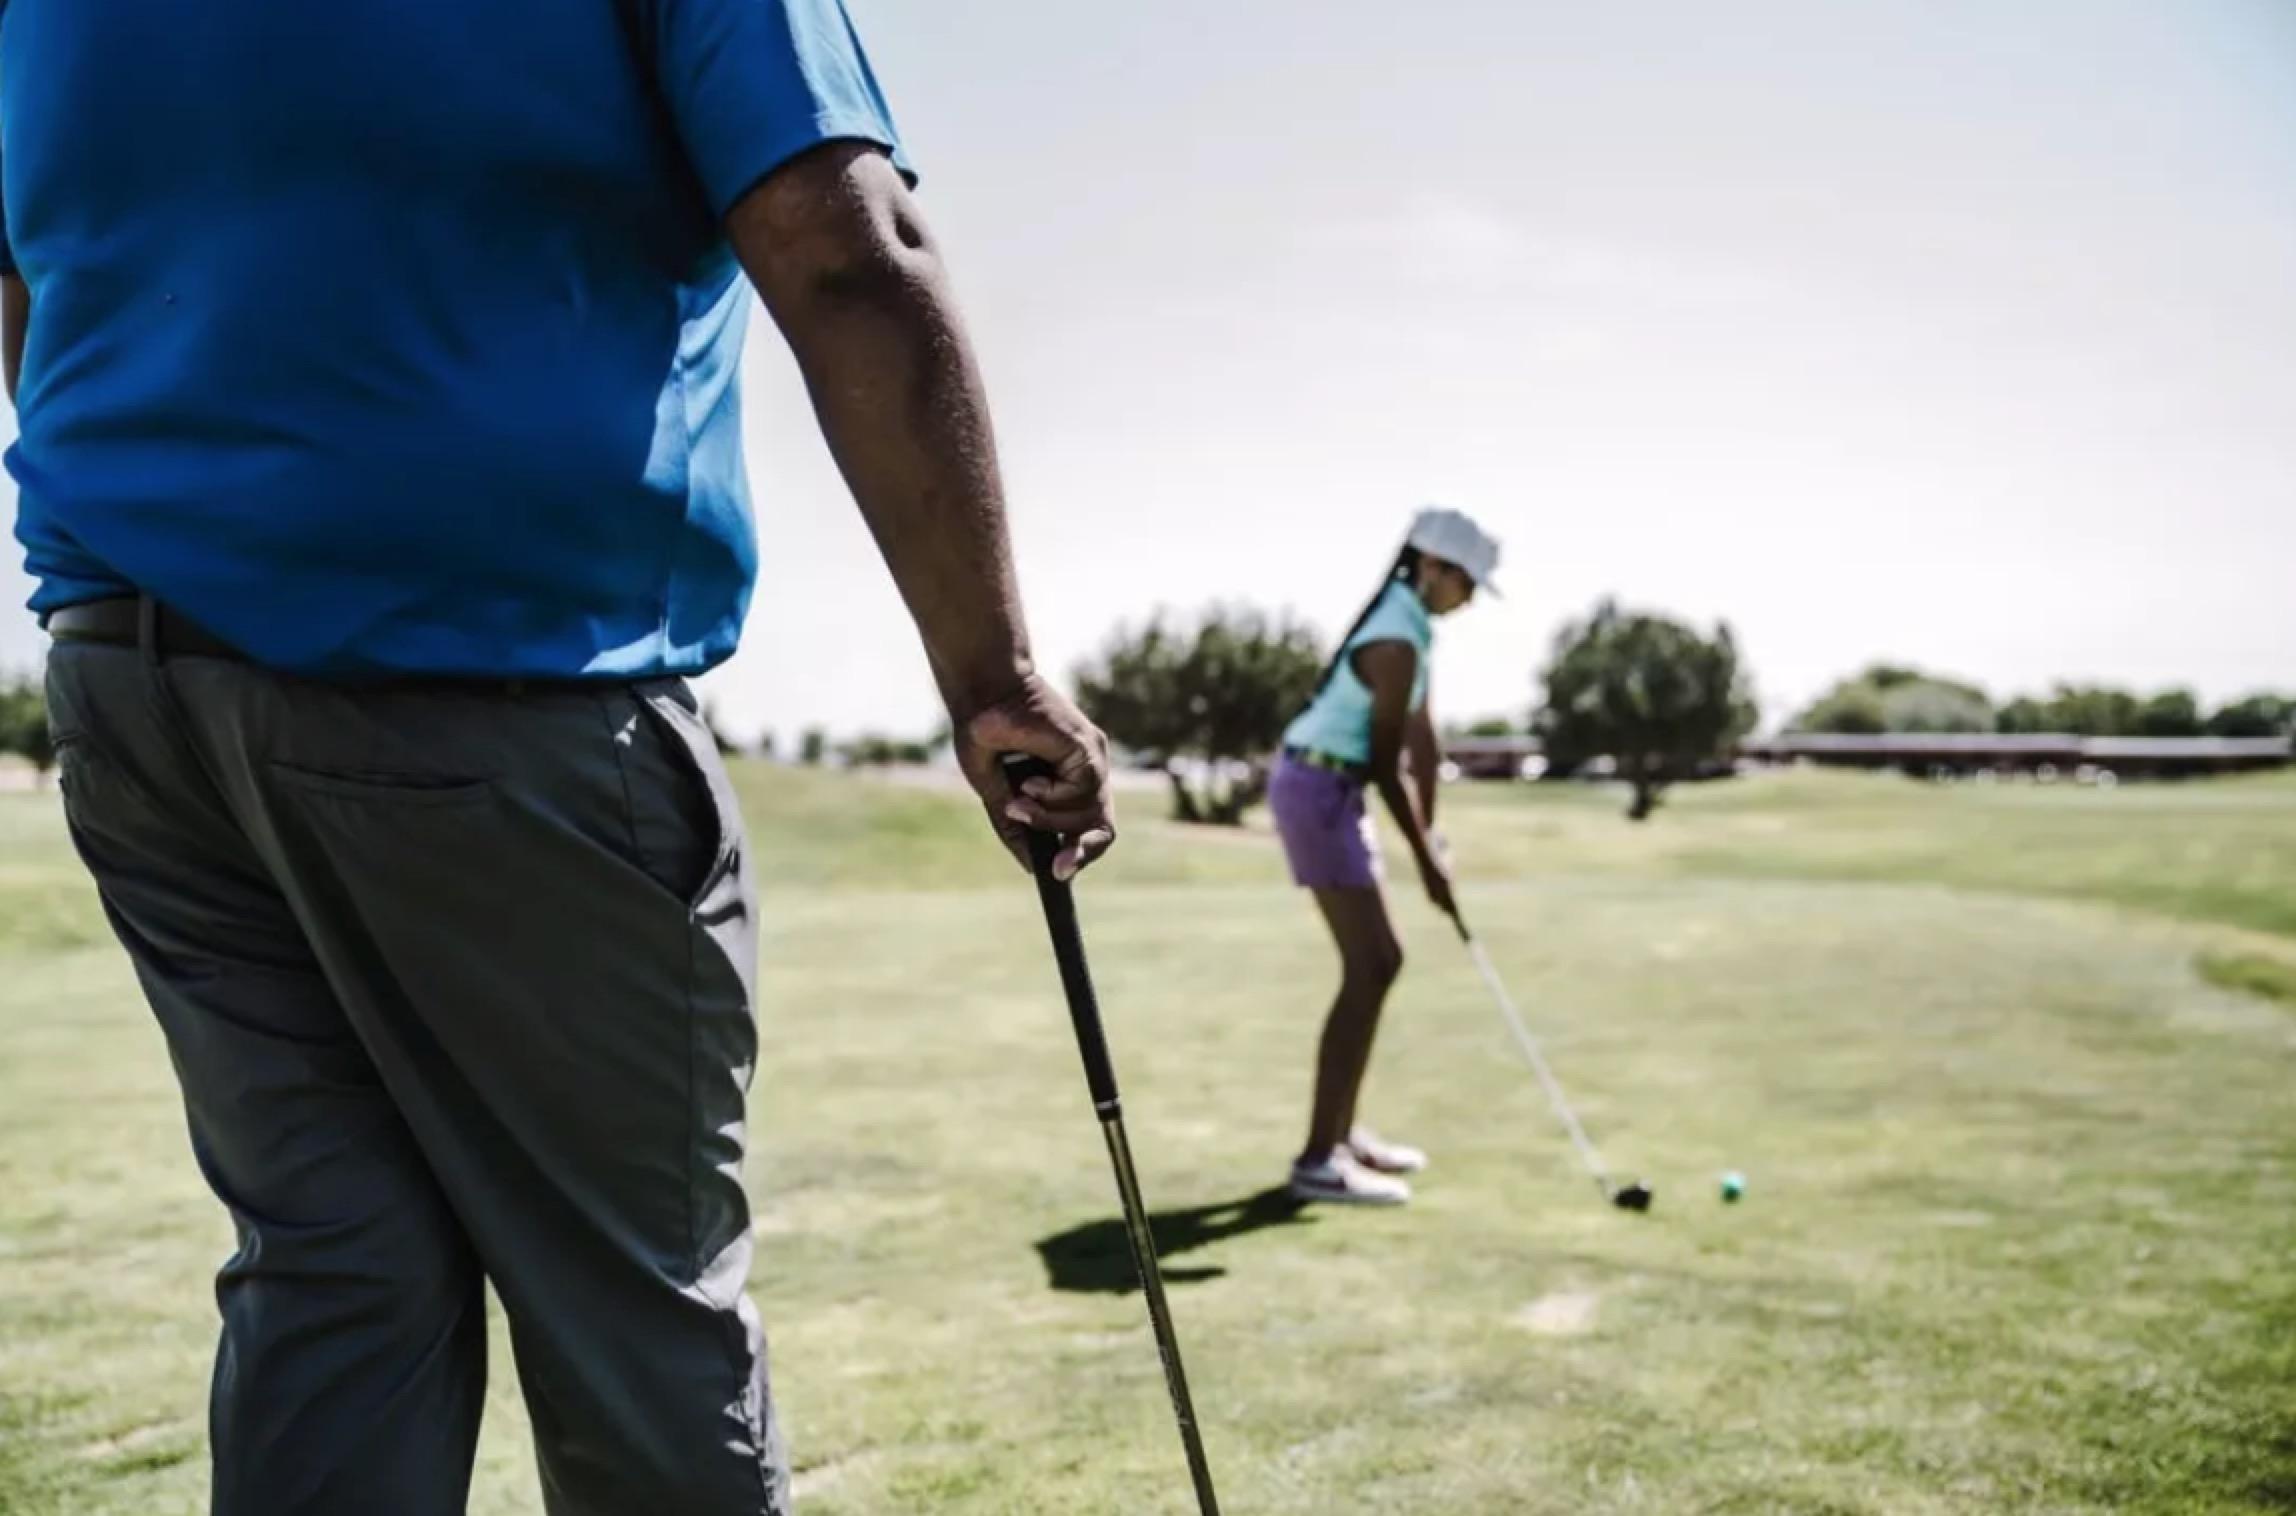 据说中年高尔夫爱好者都有这18个特征,看看有没有你?